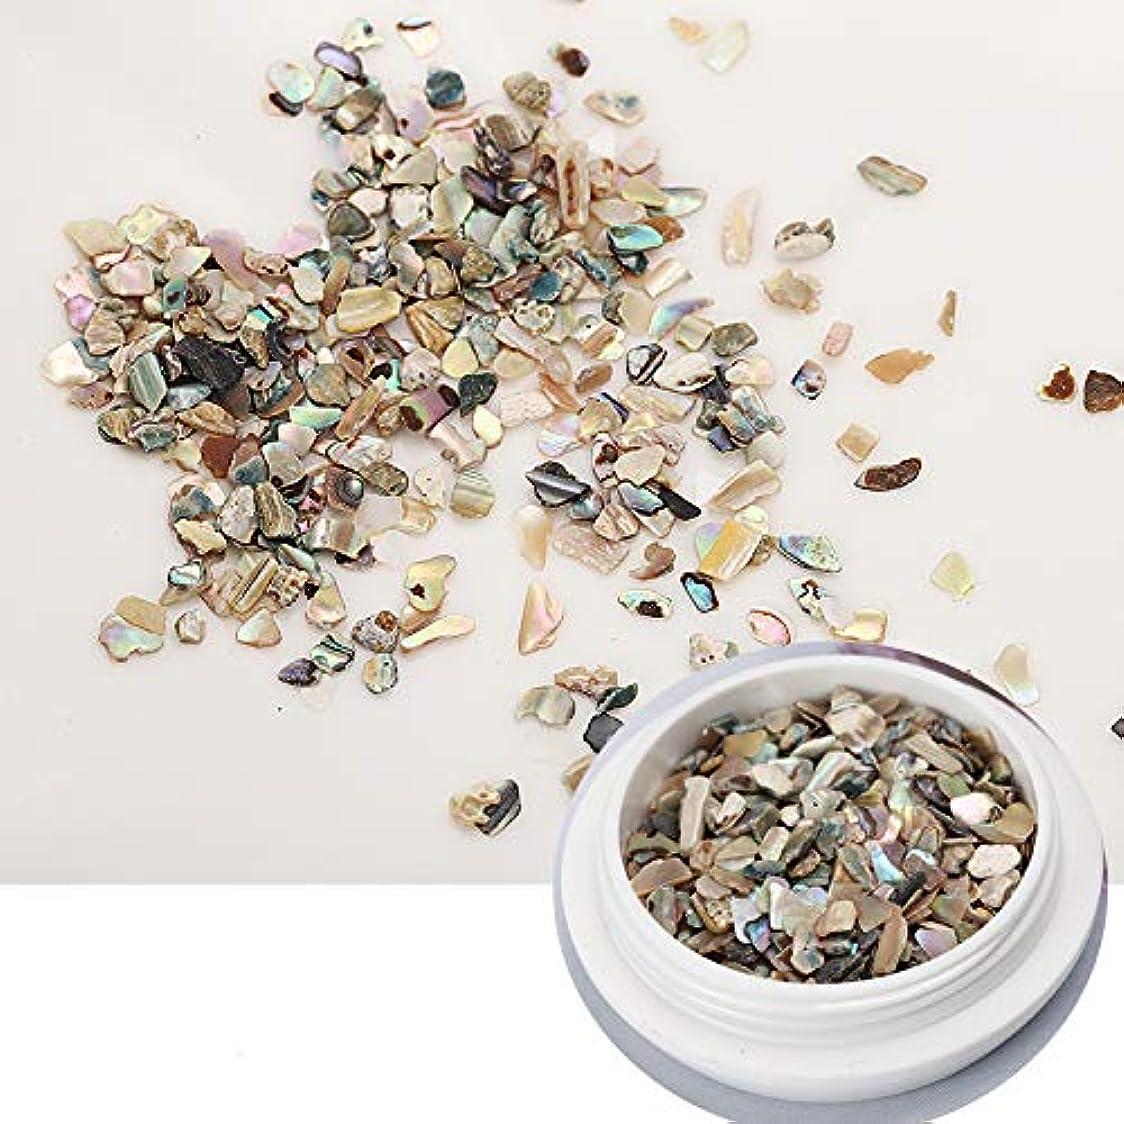 ネイル石パーツ ネイル貝殻風 シェル 貝 レジン ジェルネイル ネイルアート ネイルパーツ (2)